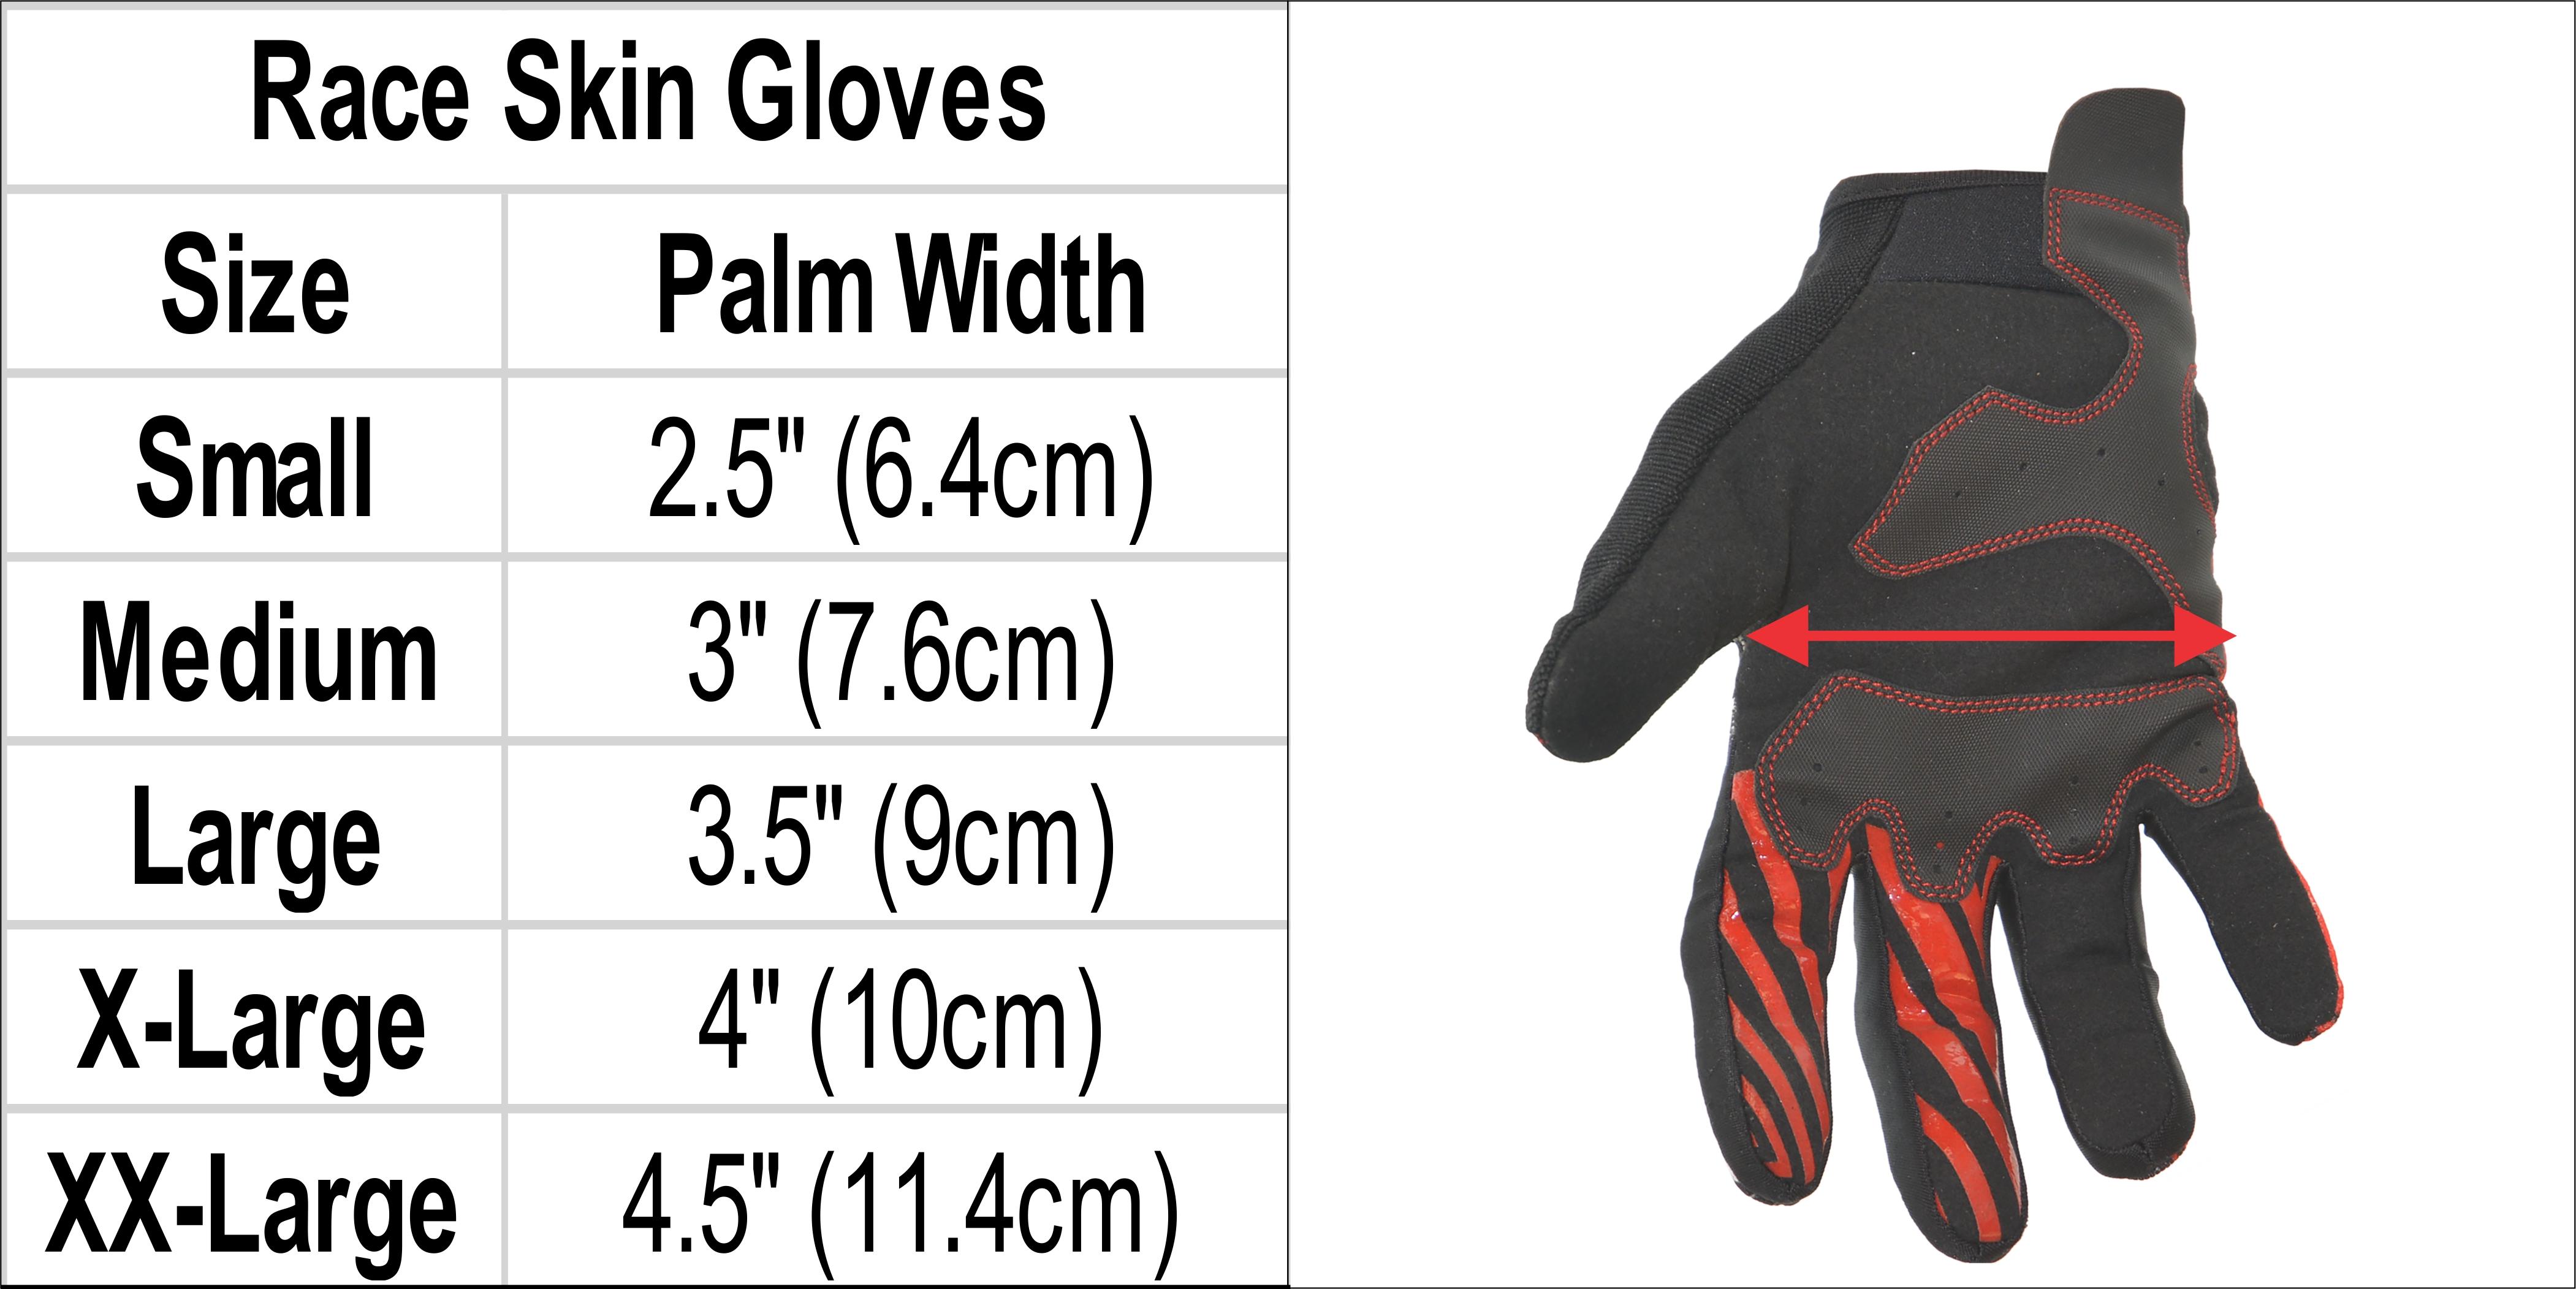 race-skin-glove-size-chart.jpg